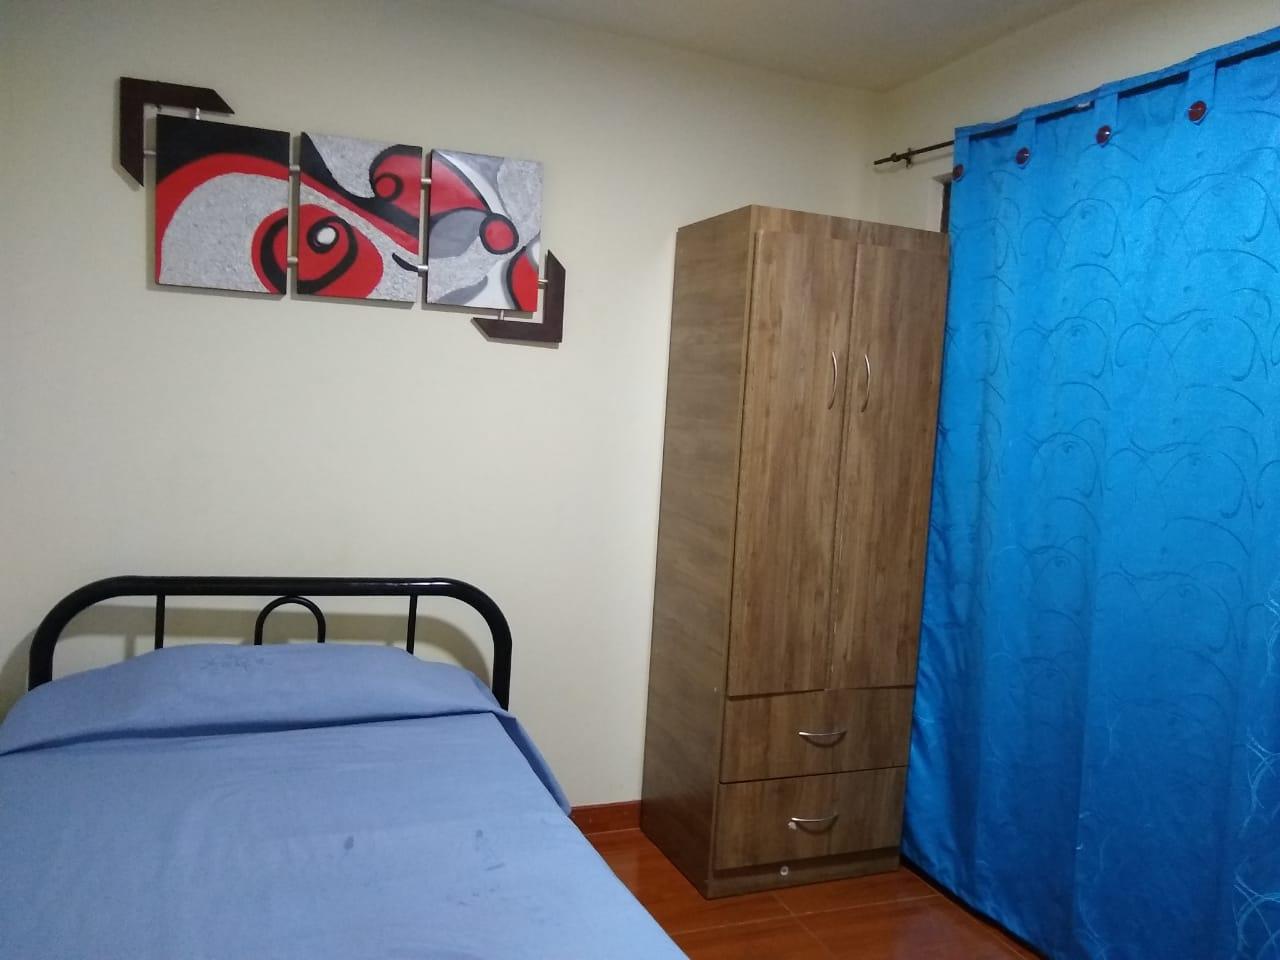 Cuarto con Baño Compartido HUM02 | Habitación U | Vivienda ...